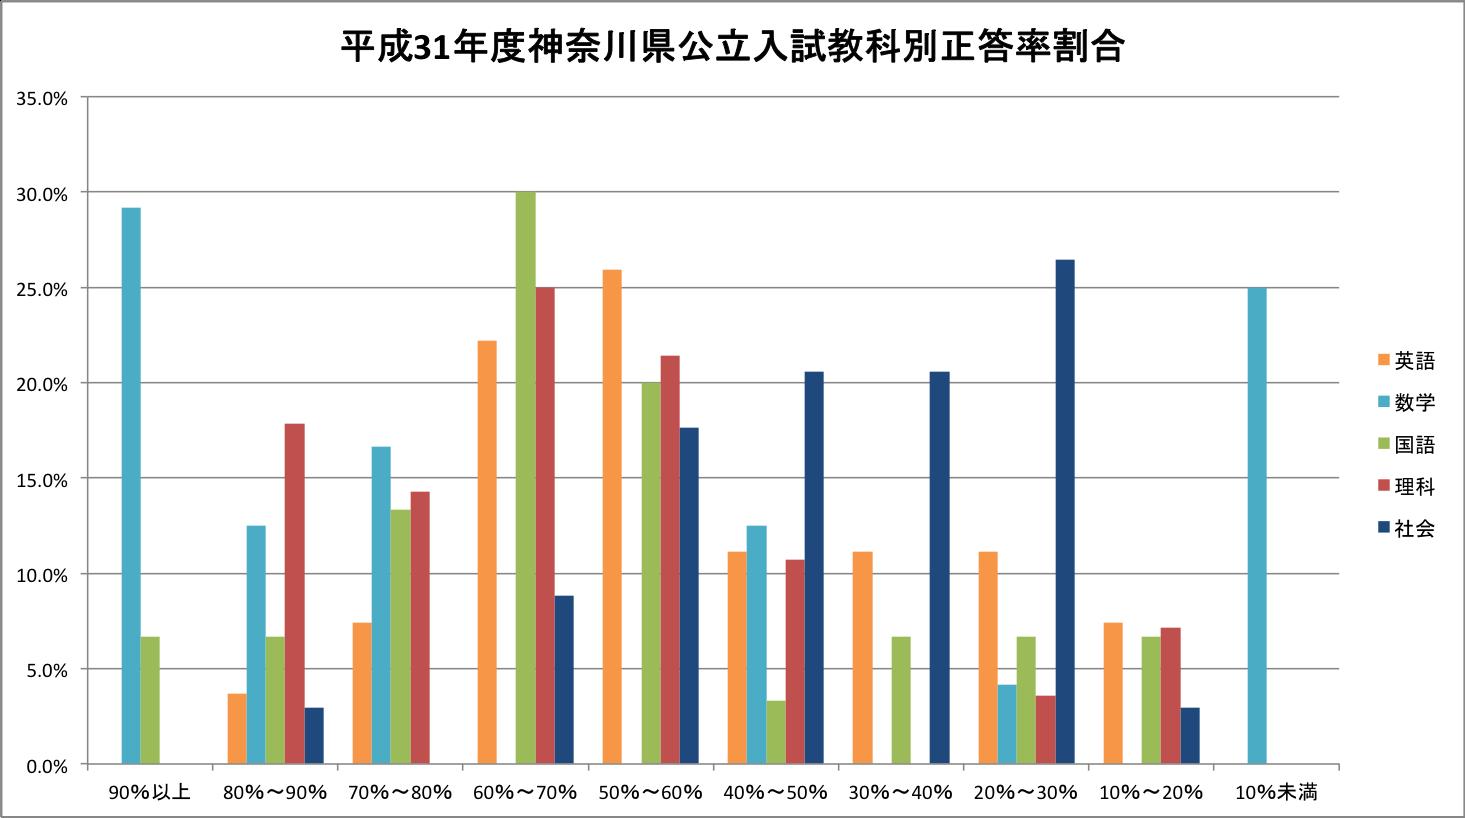 正答率割合をグラフ化してみたら、トップ校攻略の戦略が見えてきた(理社)